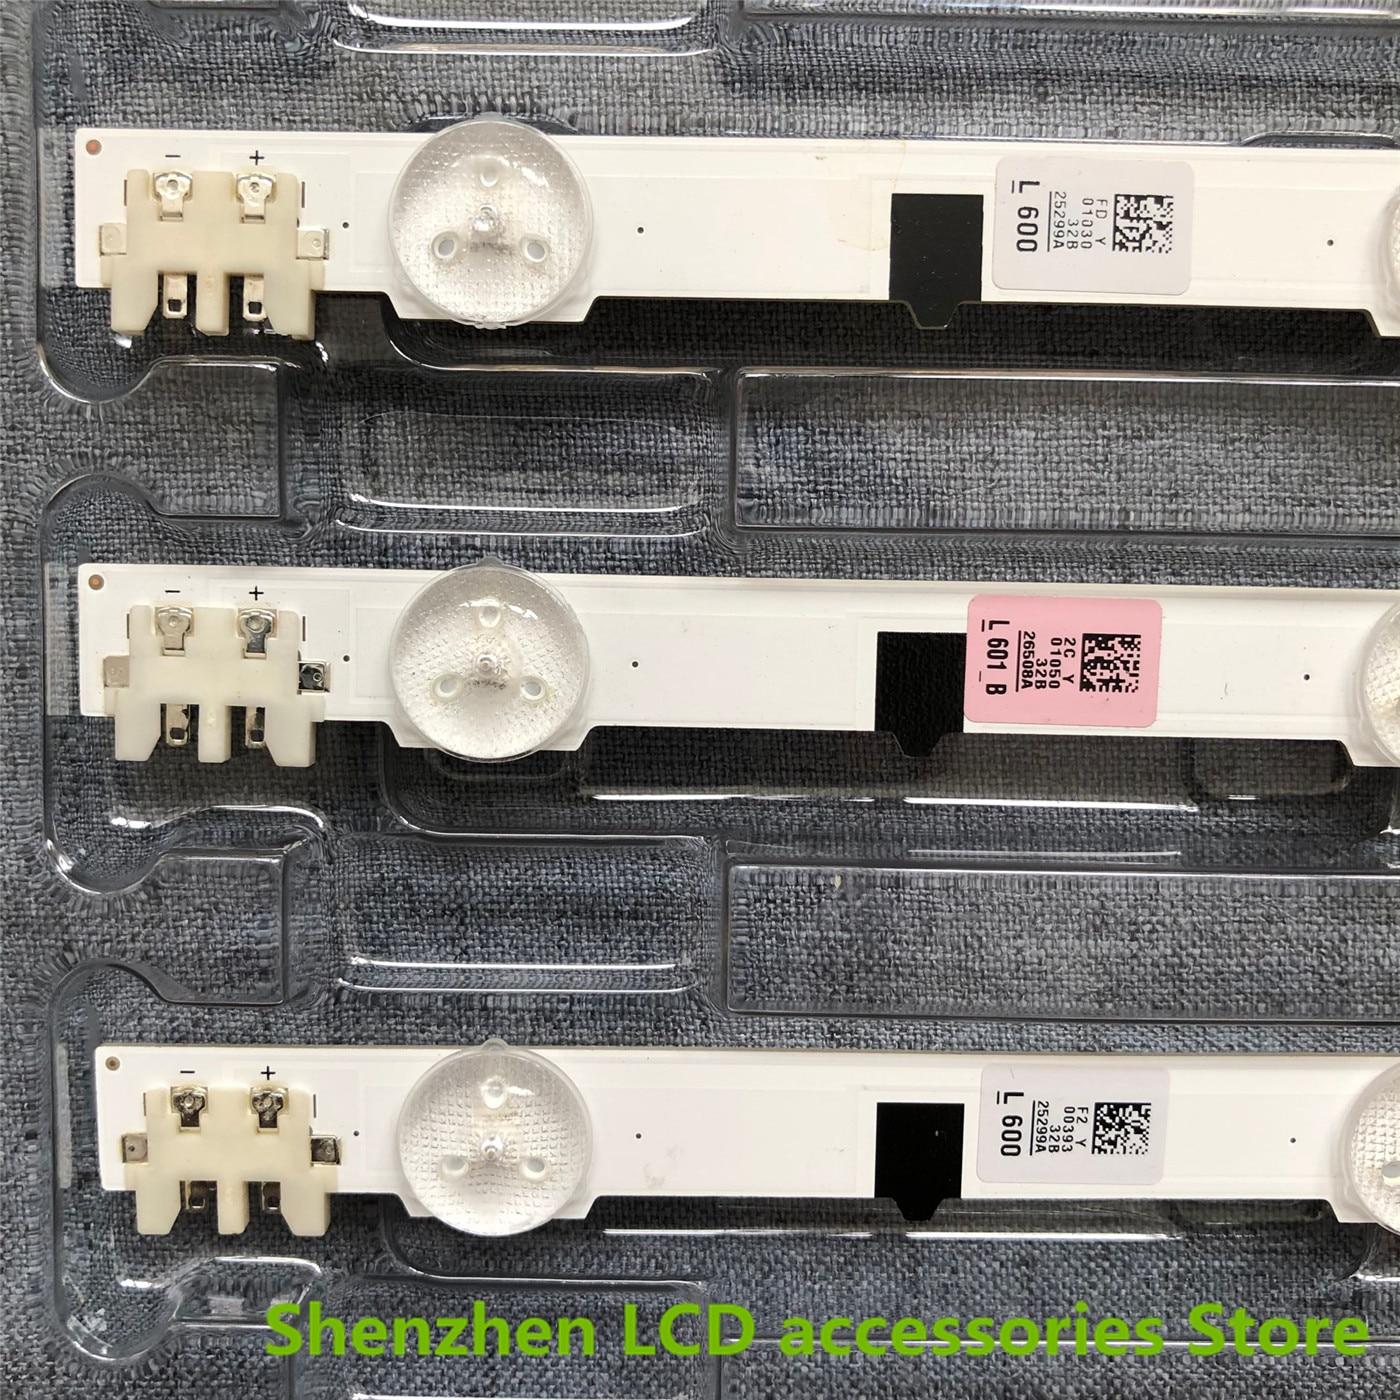 5pieces/lot  New UA32F4088AR CY-HF320AGEV3H UE32F5000 UA32F4000AR LED Strip D2GE-320SC0-R3 2013SVS32H 9 LEDs 650mm